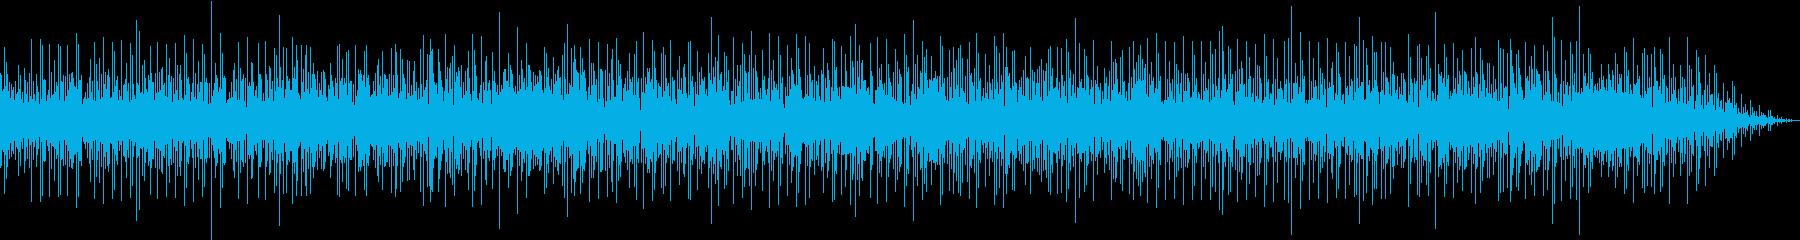 アップテンポな生演奏SAXソロの再生済みの波形